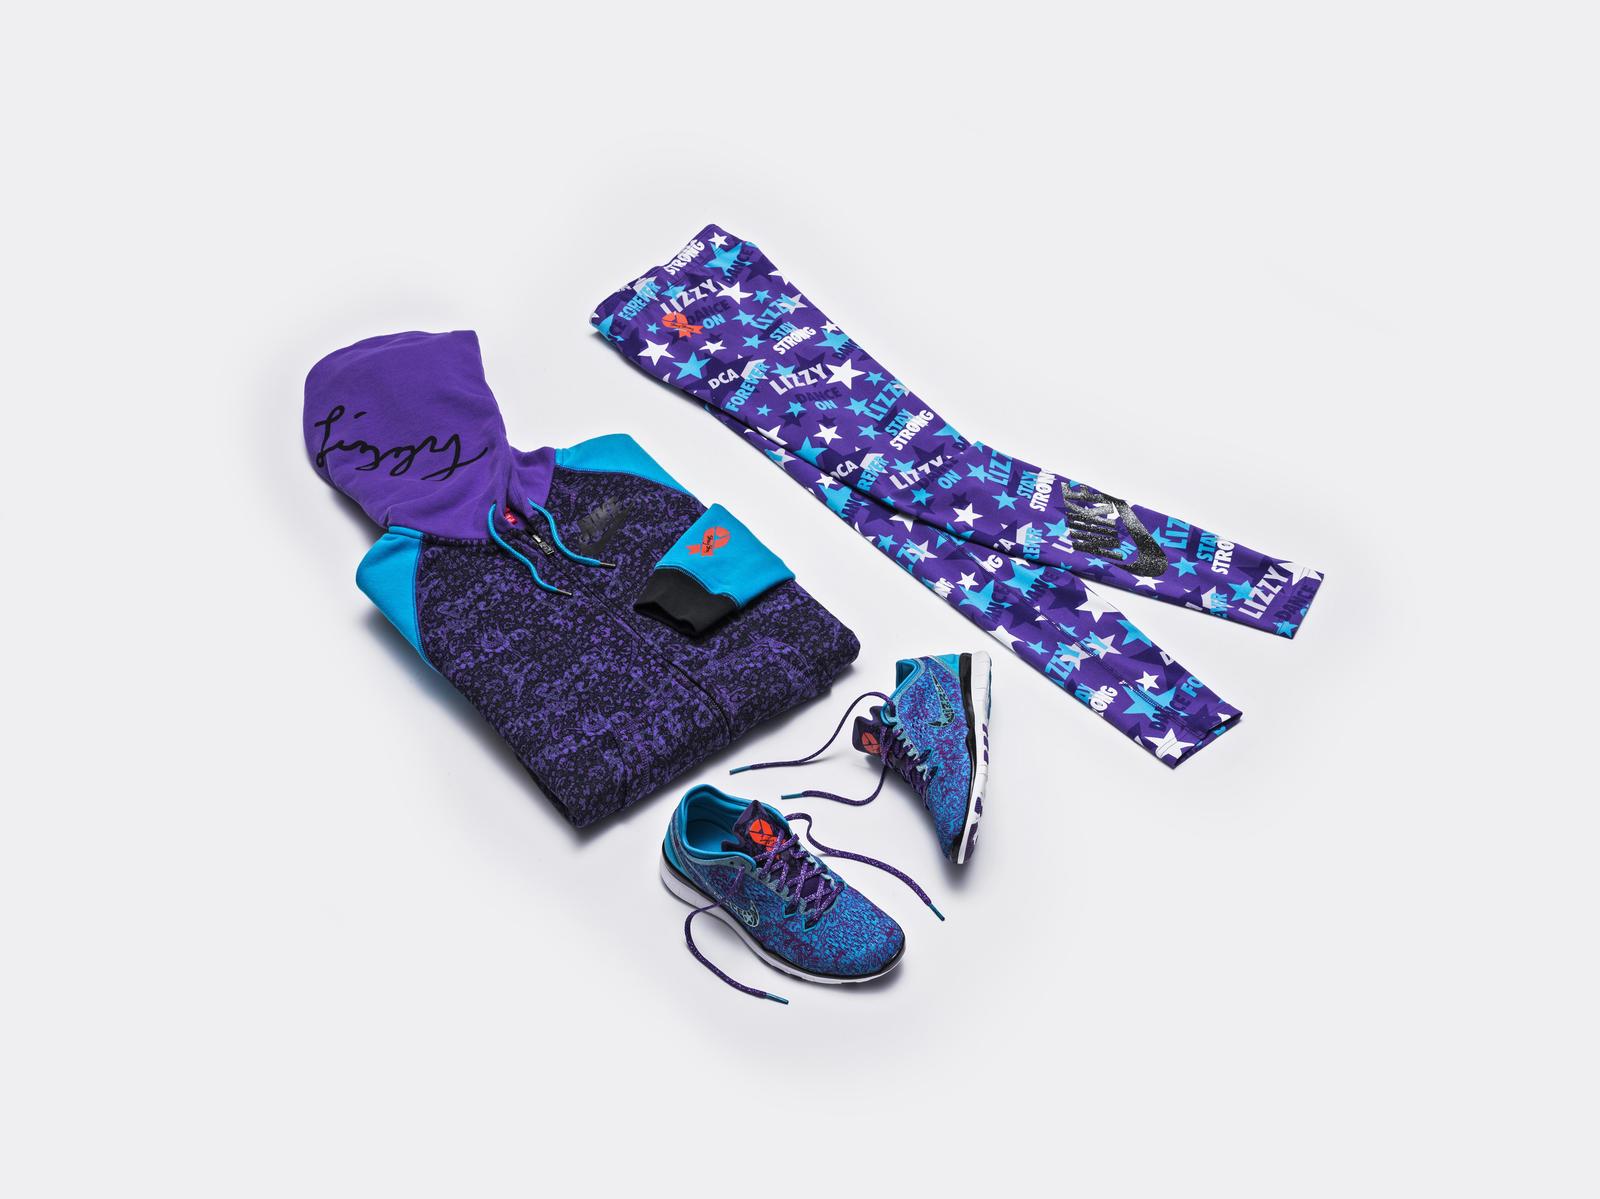 Nike_DBFS_2015_LIZZY_GROUP_laydown_native_1600